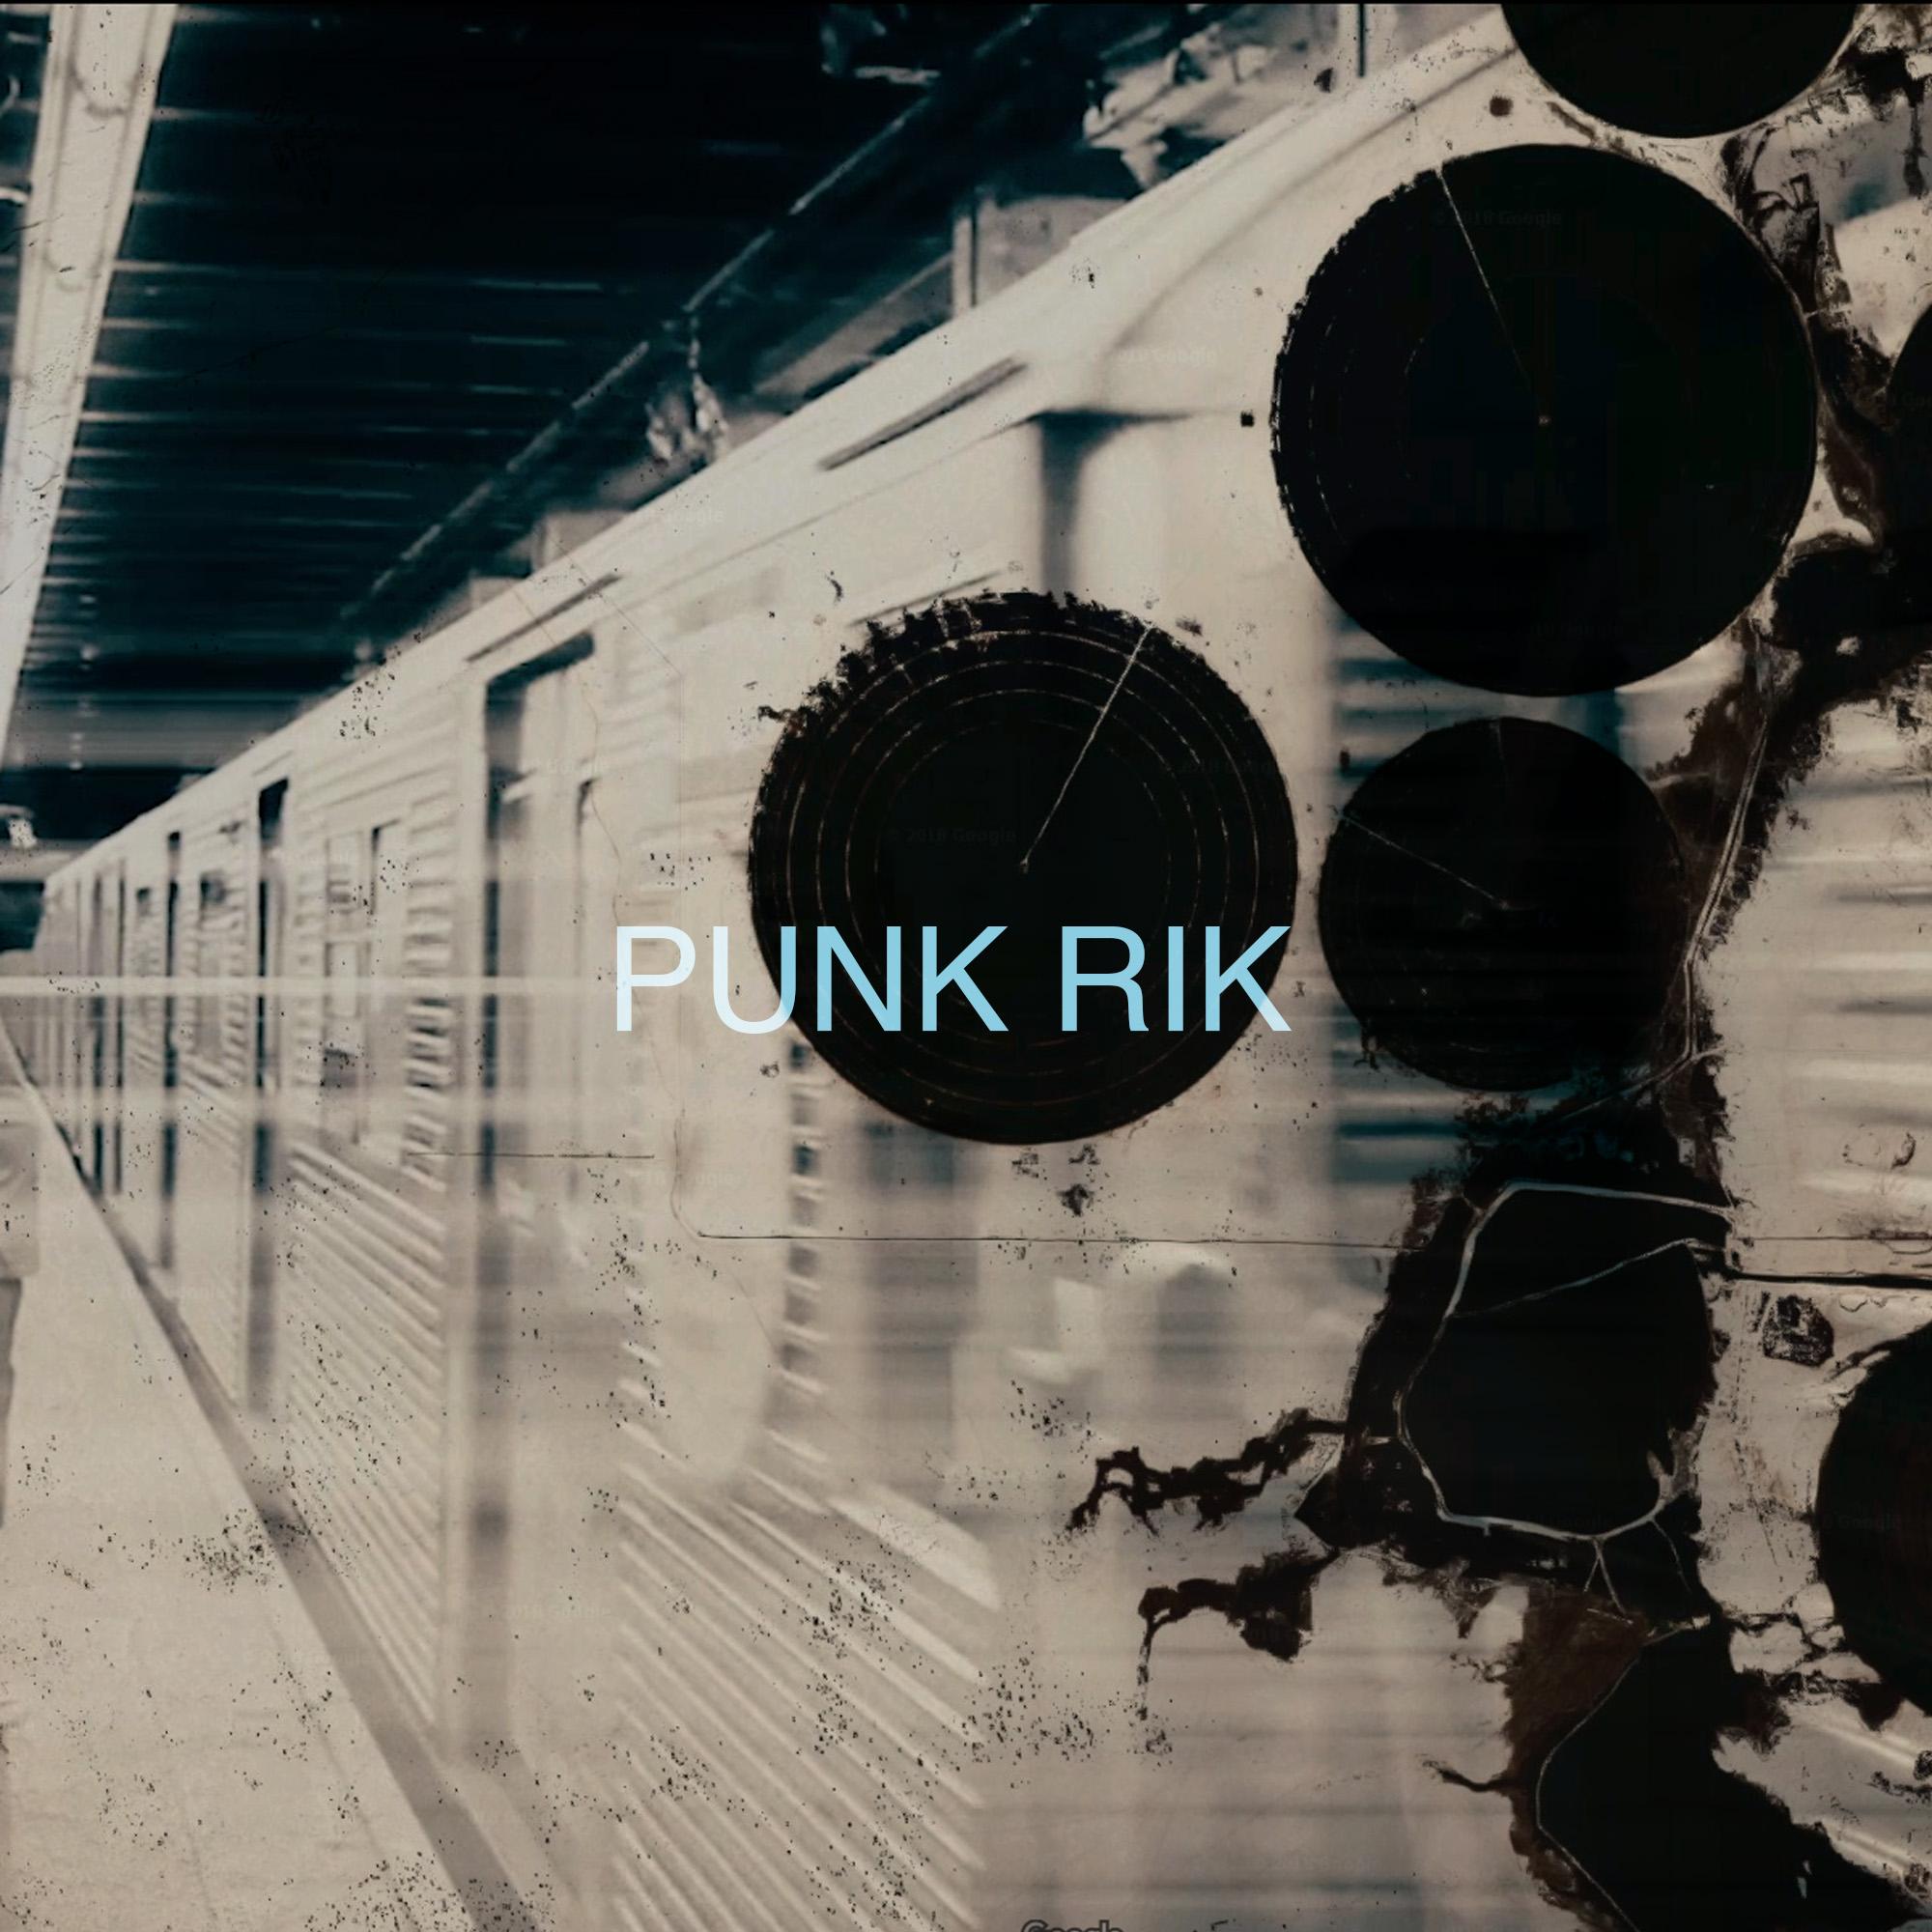 punkrik_image.jpg